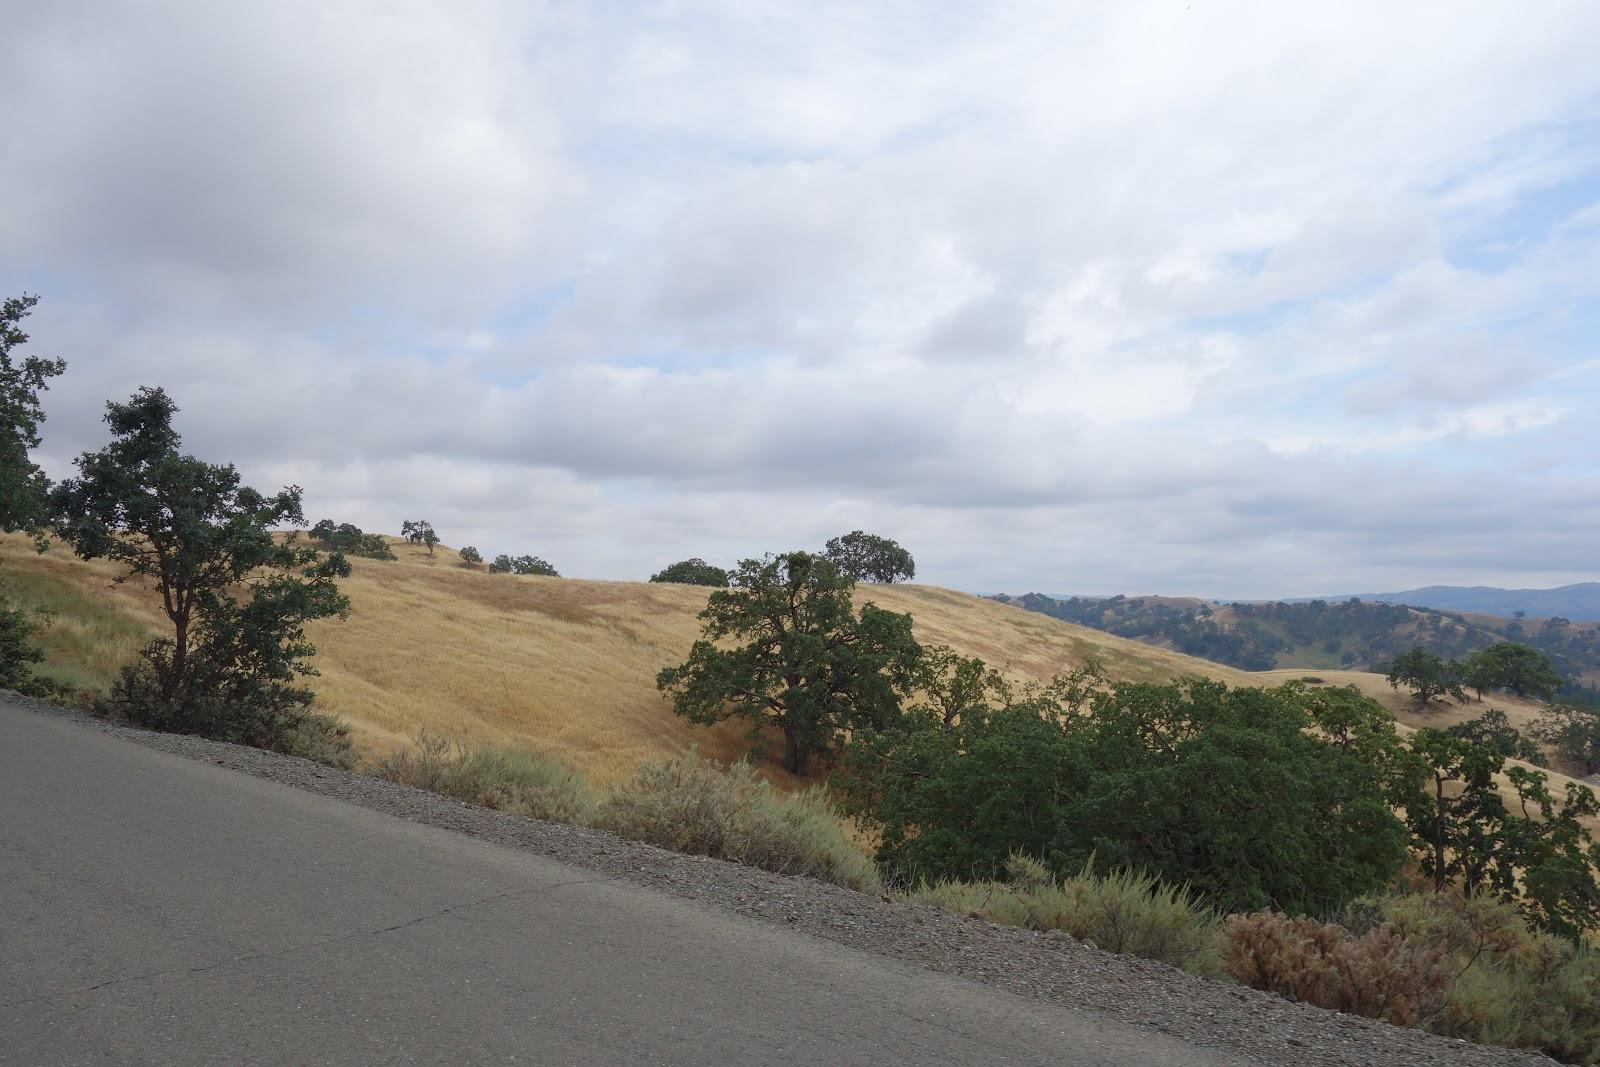 Climbing by bike Mt. Diablo - South Gate - views along climb